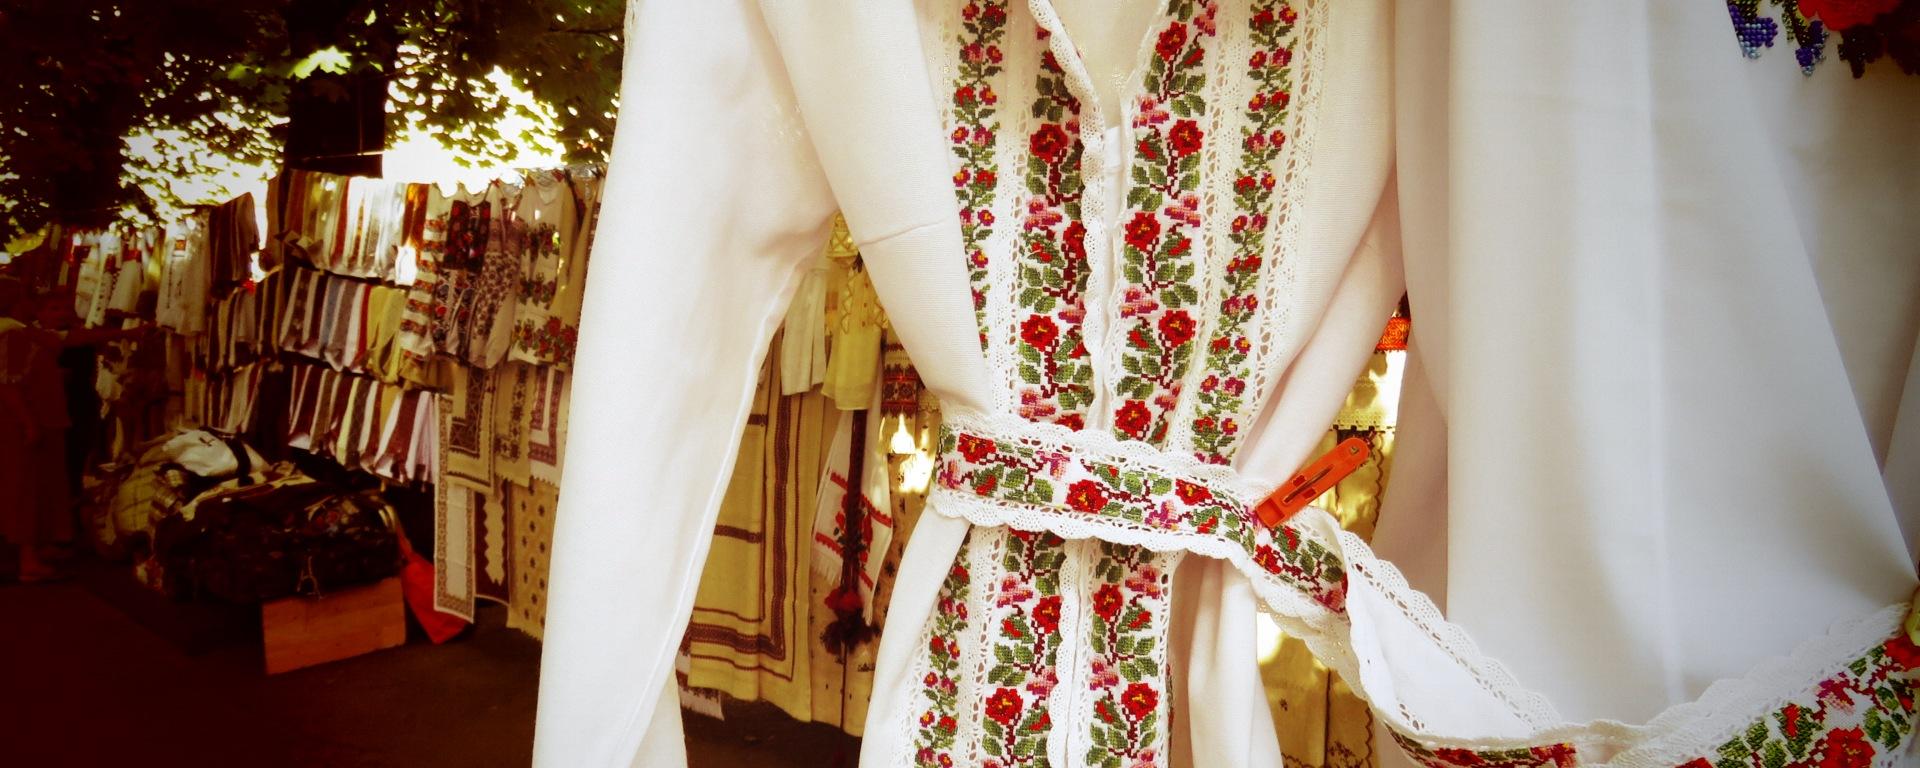 Traditional Ukrainian Shirt by Anika Mikkelson - www.MissMaps.com